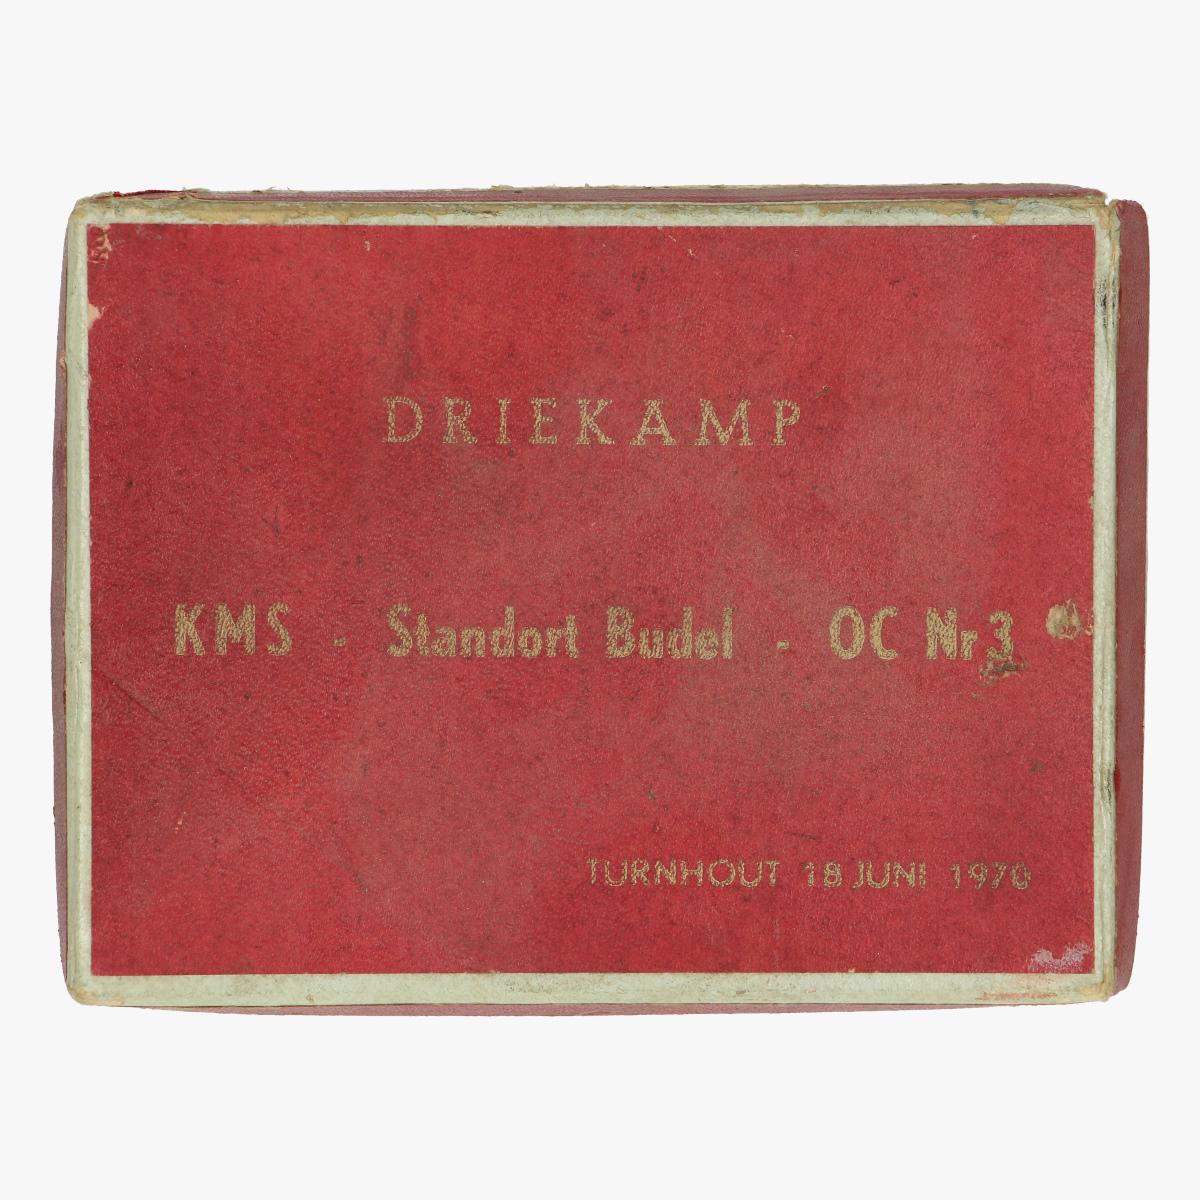 Afbeeldingen van kartonnen doosje met foto driekamp KMS - Standort budel - OC Nr 3 turnhout  18 juni 1970